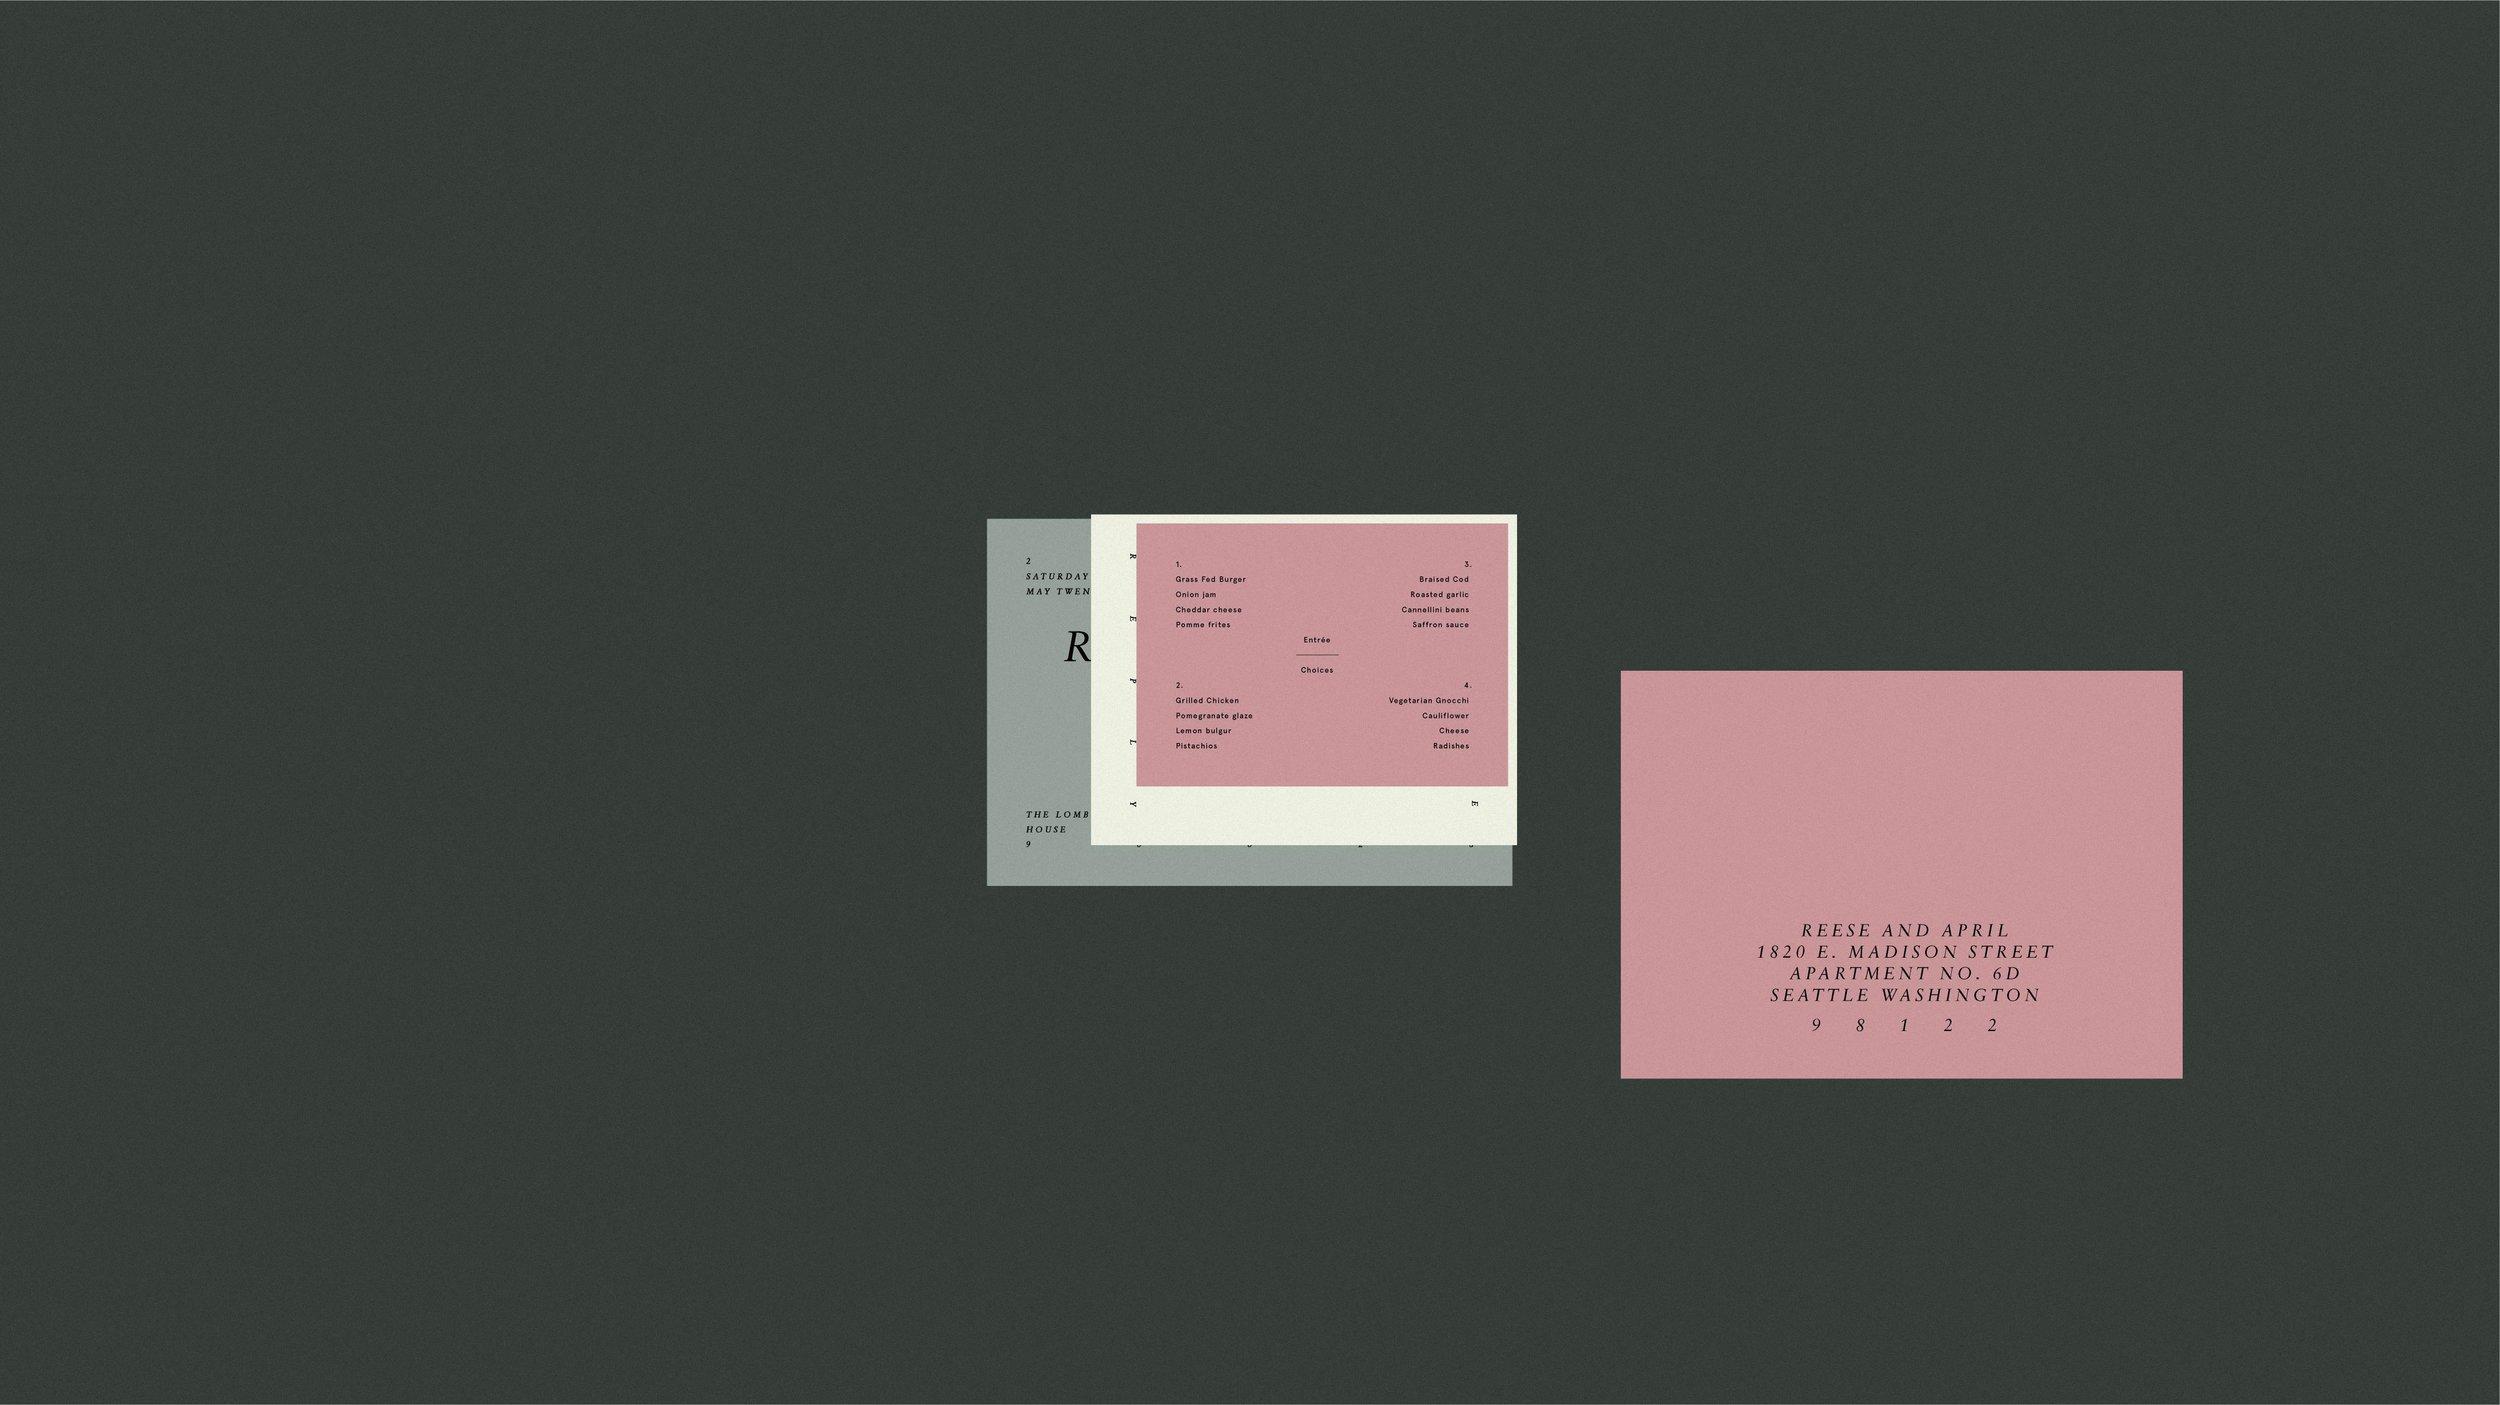 Product-Images-Sabonne-04.jpg